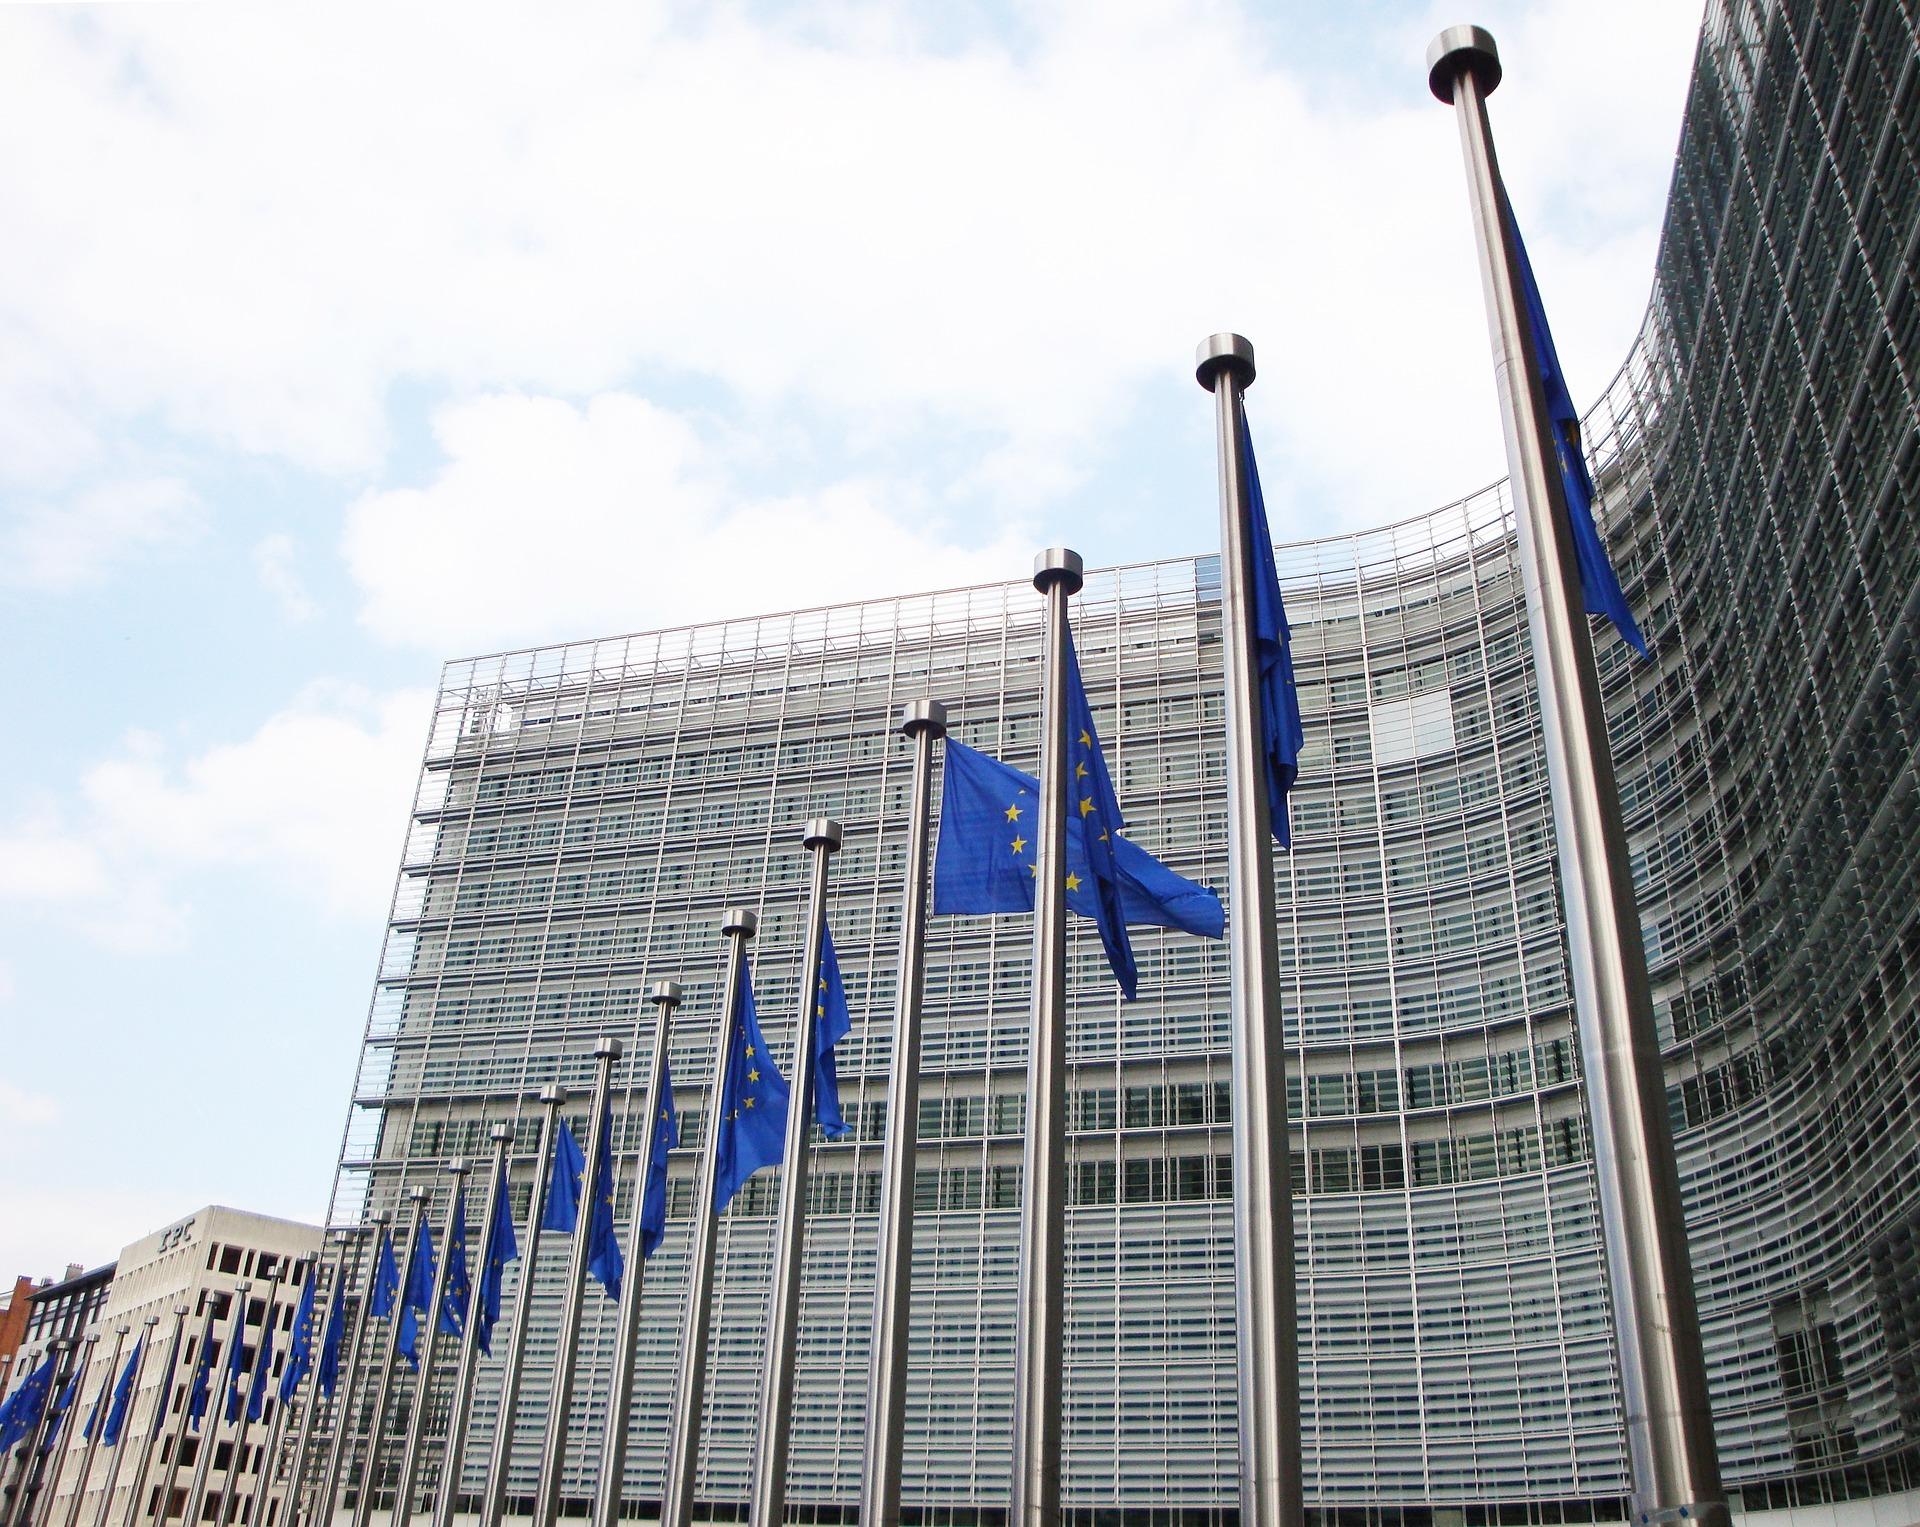 Spotkanie ministrów ds. Europejskich państw EU rozpoczęło dyskusję dotyczącą m.in. Polski